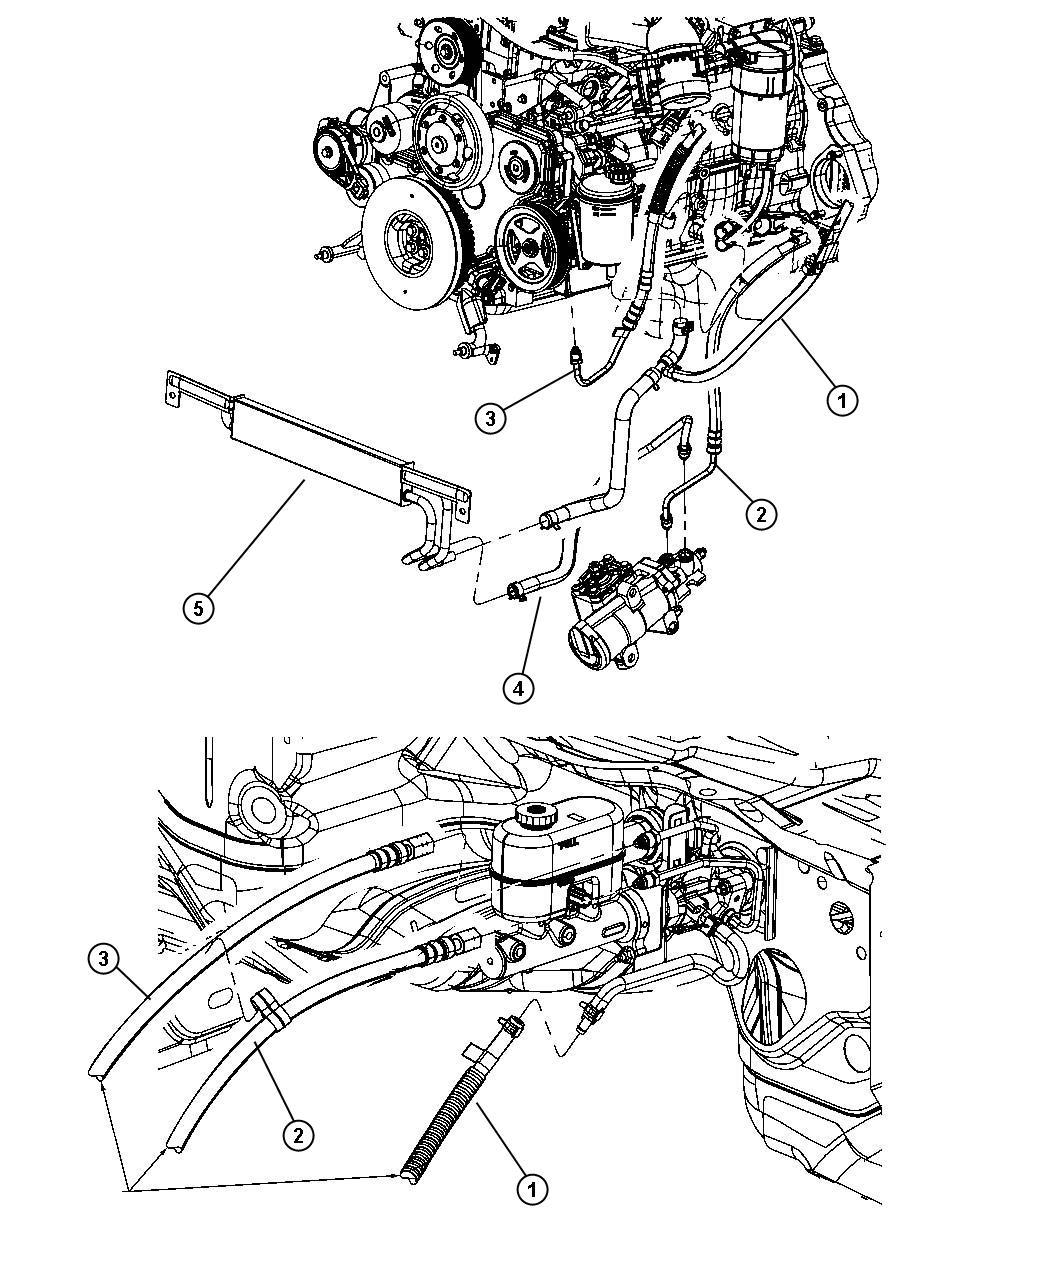 2011 Dodge Ram 3500 Hose. Power steering pressure. Pump to